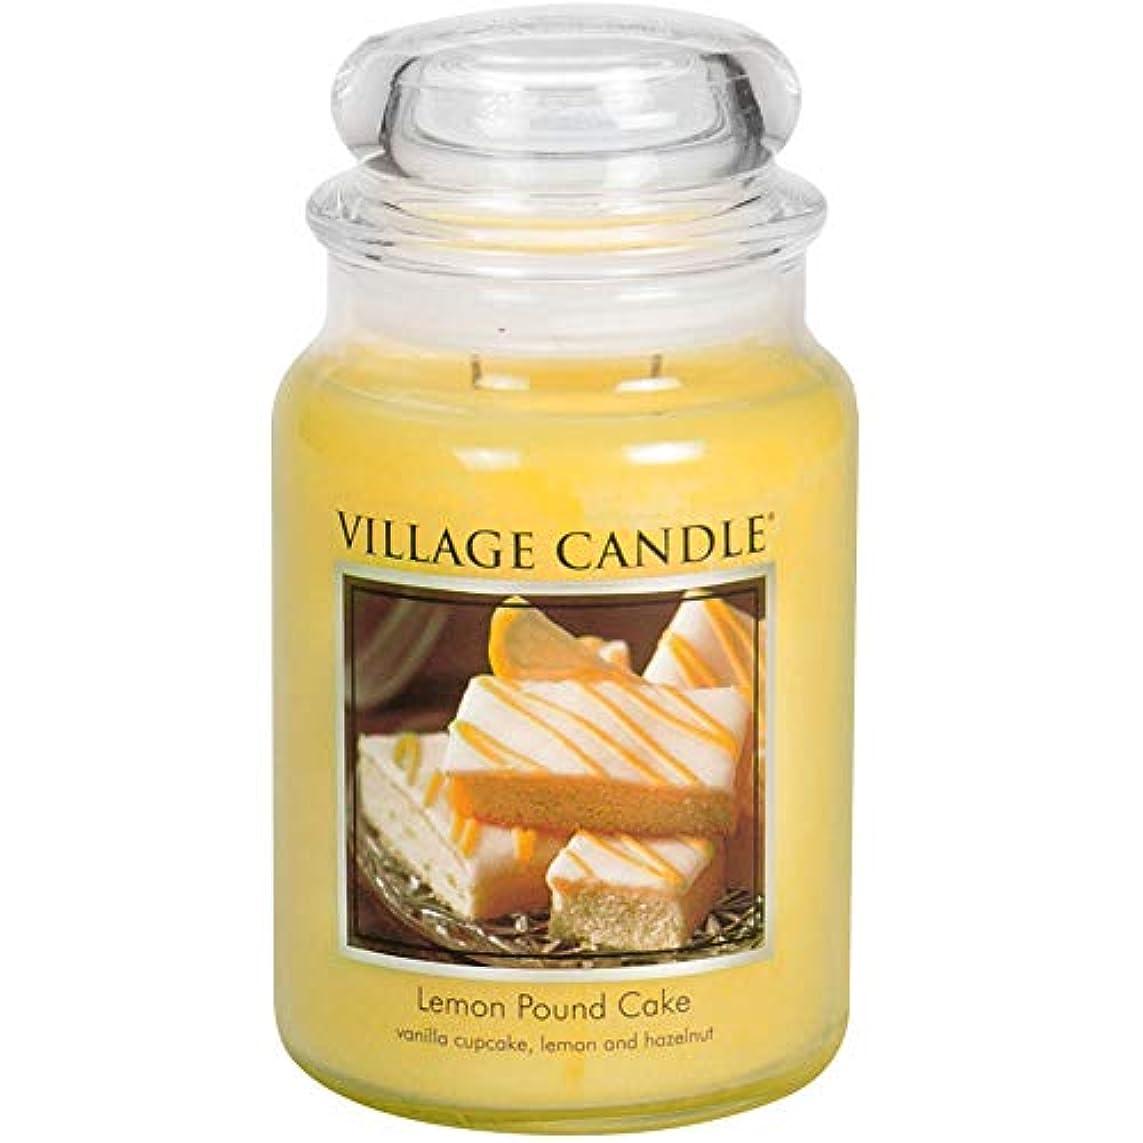 引退する収容するベギンVillage Candle Large Fragranced Candle Jar?つ - 17cm x 10cm - 26oz (1219g)- Lemon Pound Cake - upto 170 hours burn...